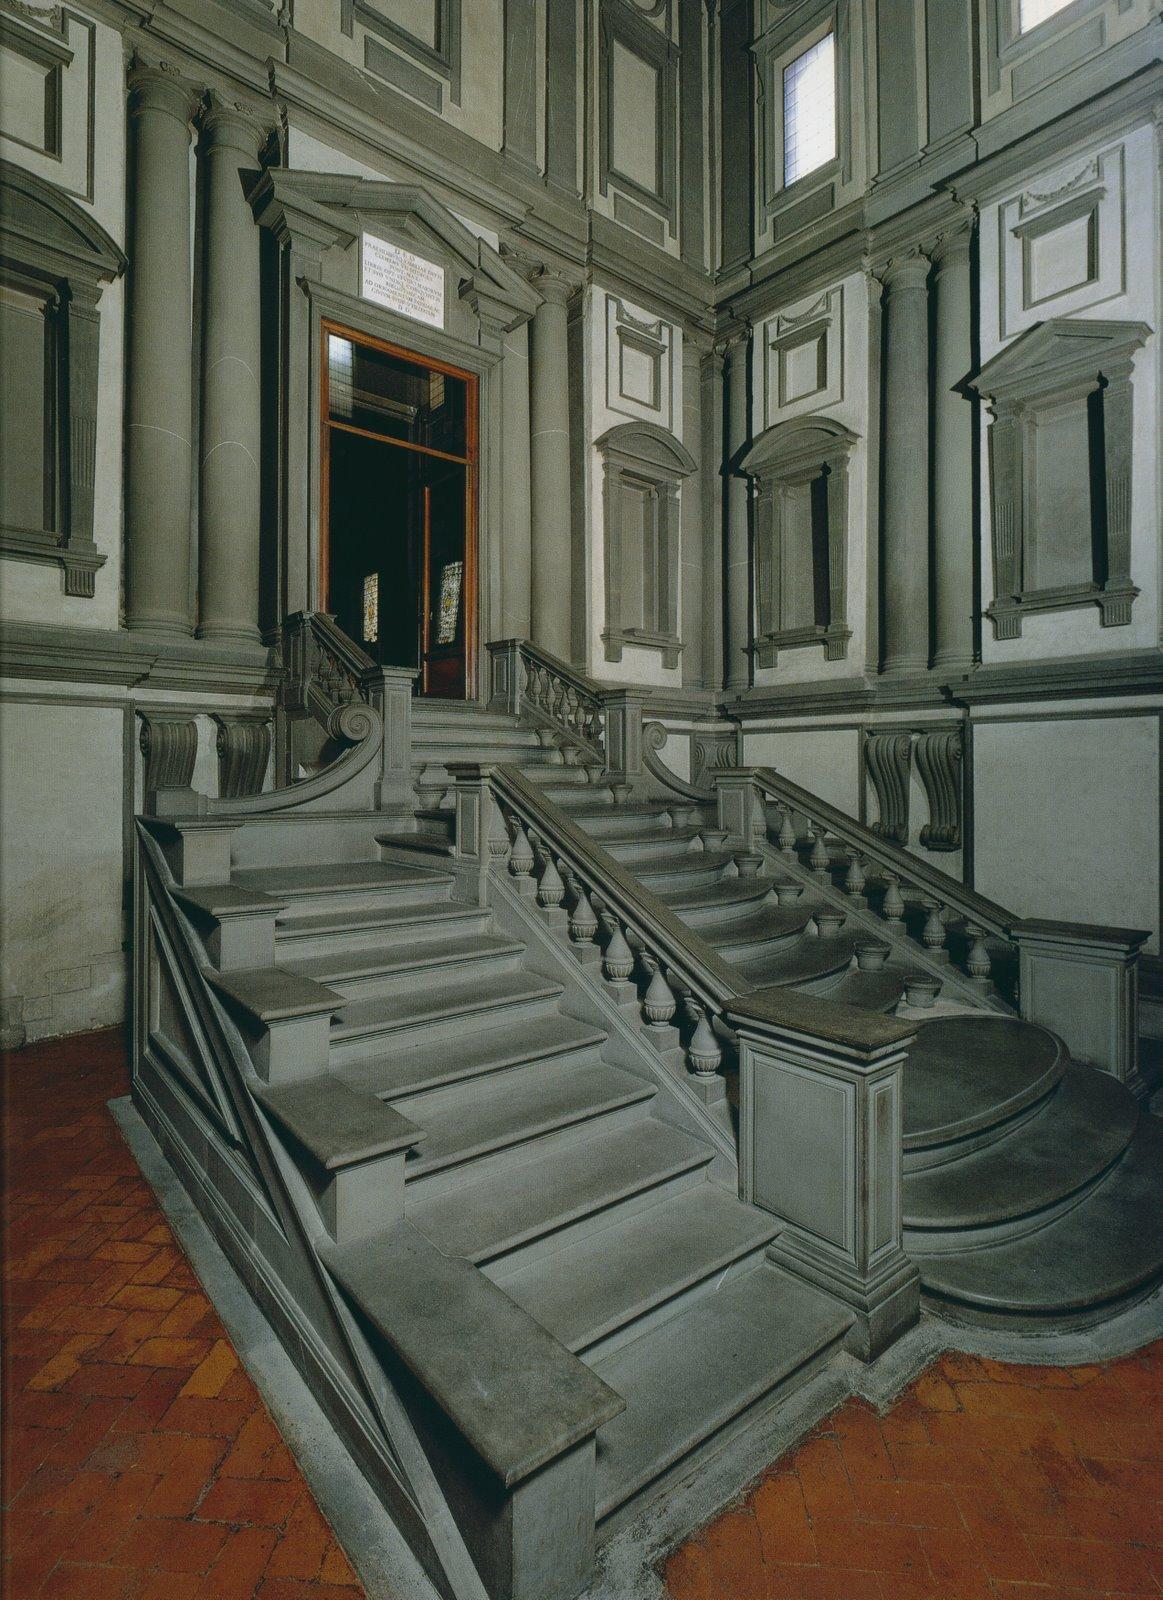 Tus ciencias sociales renacimiento arquitectura - Escaleras para bibliotecas ...